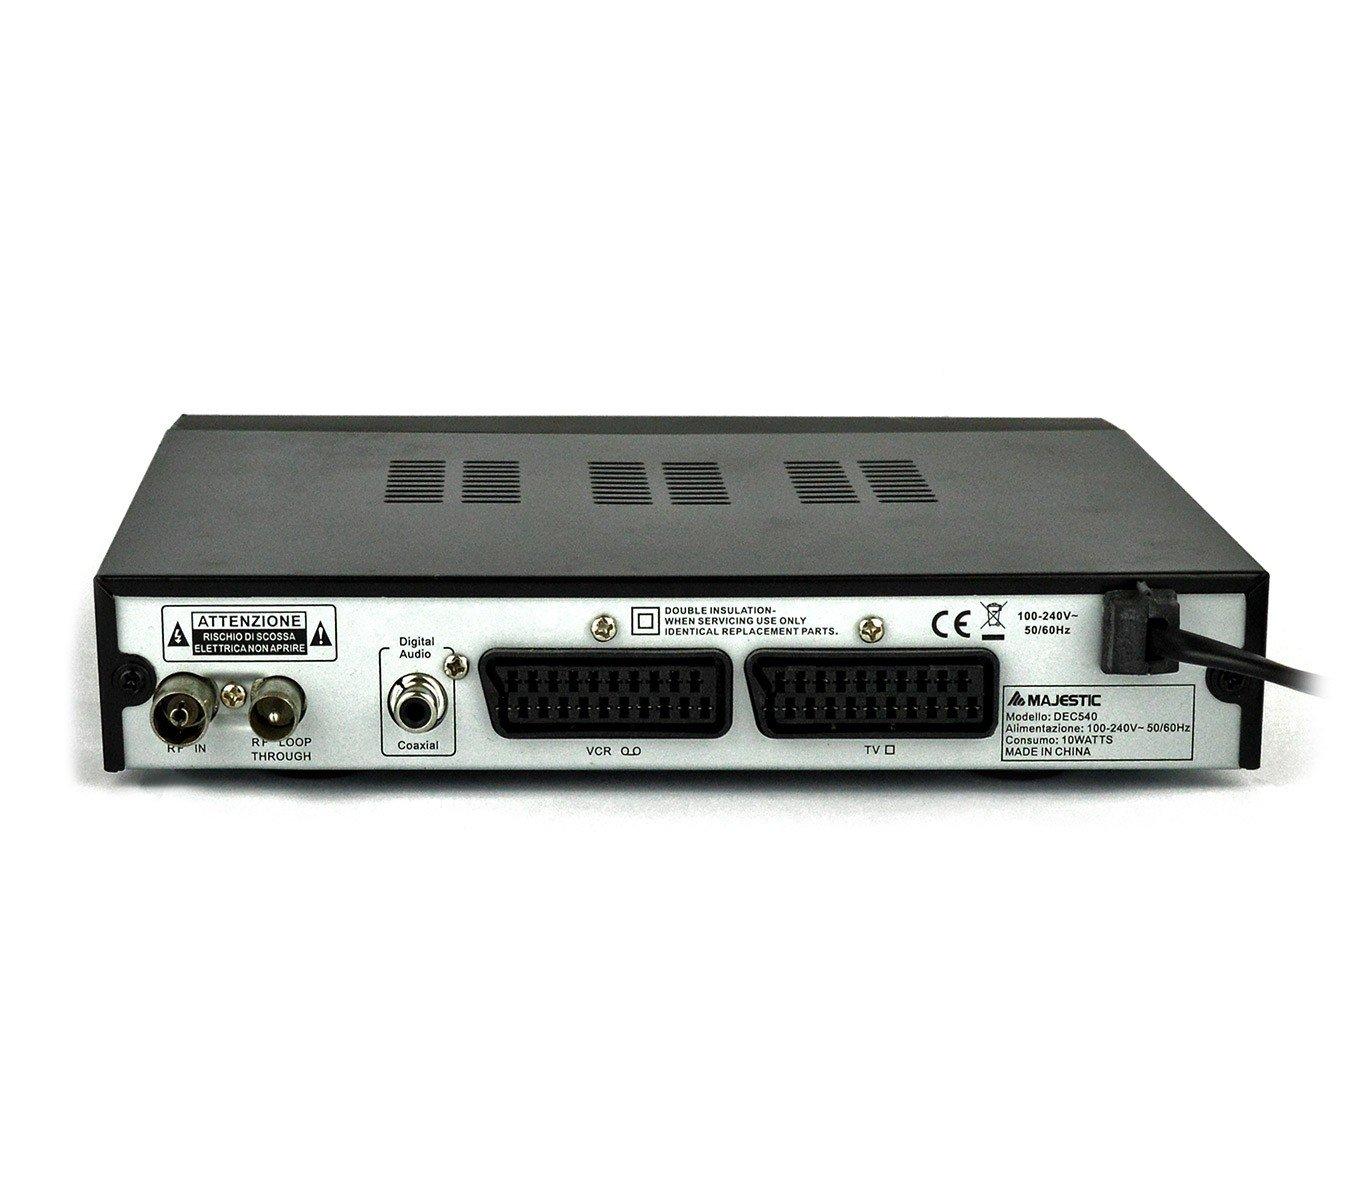 DEC 540 DVB-T TDT para anchos de banda VHF y UHF doble EUROCONECTOR Majestic: Amazon.es: Electrónica